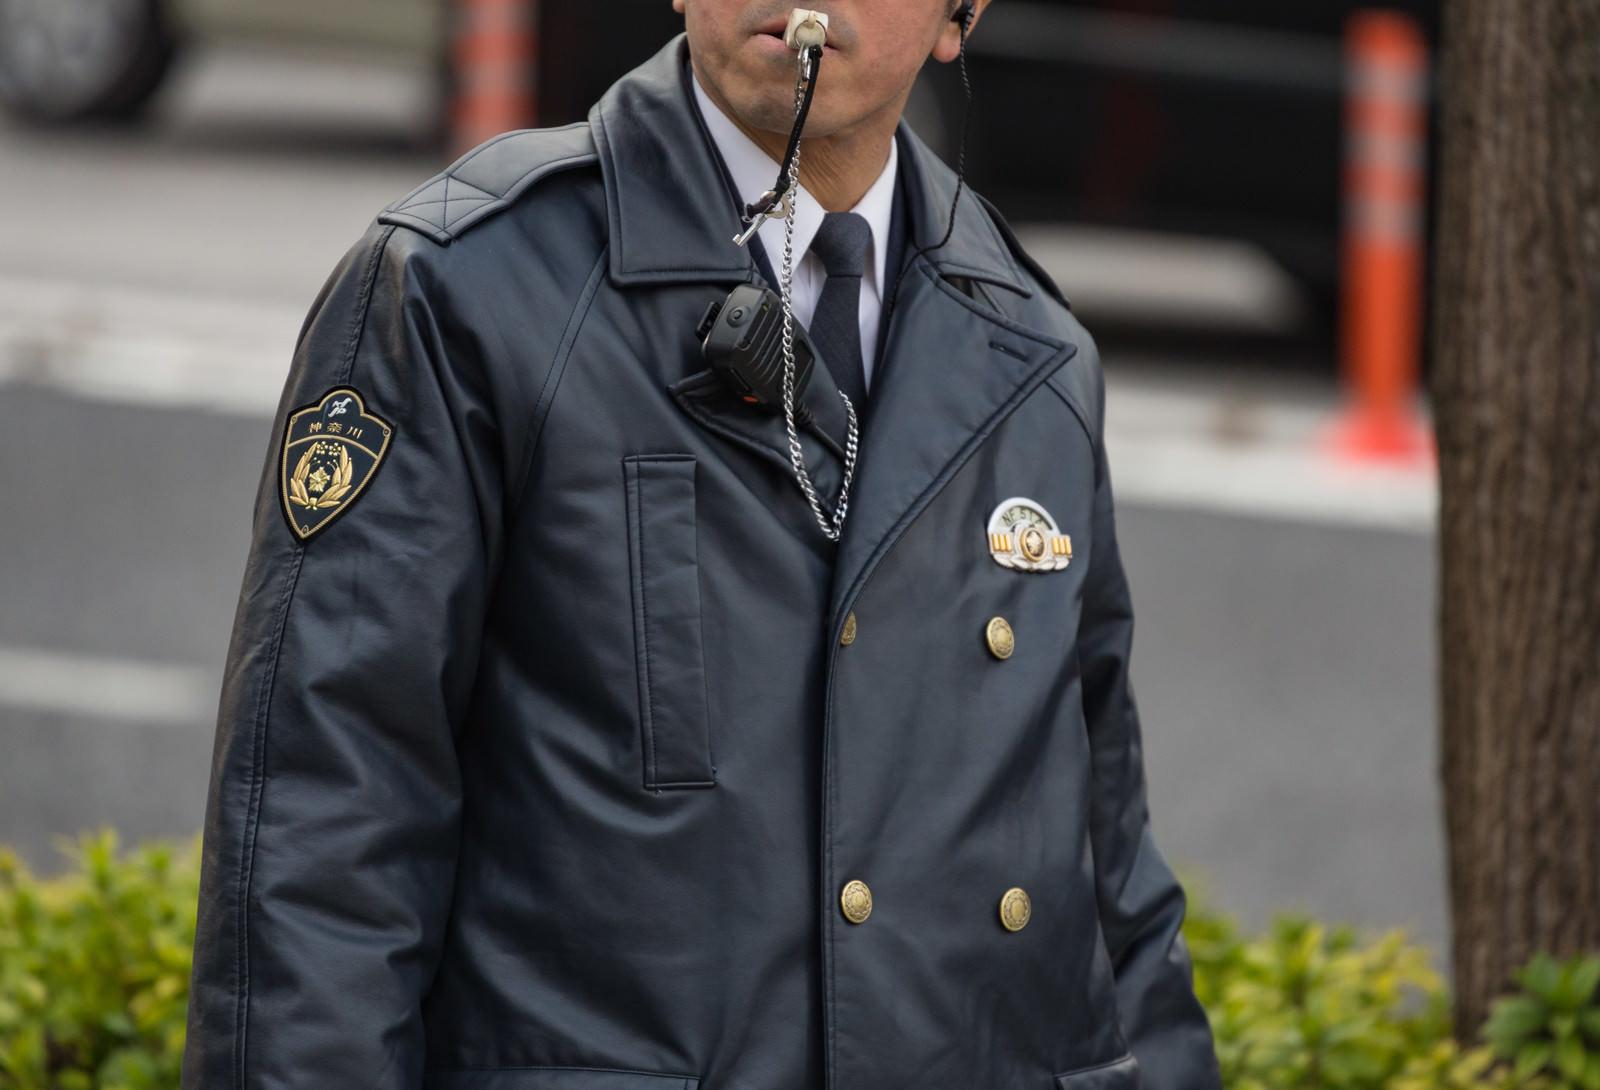 「笛を吹く警察官」の写真